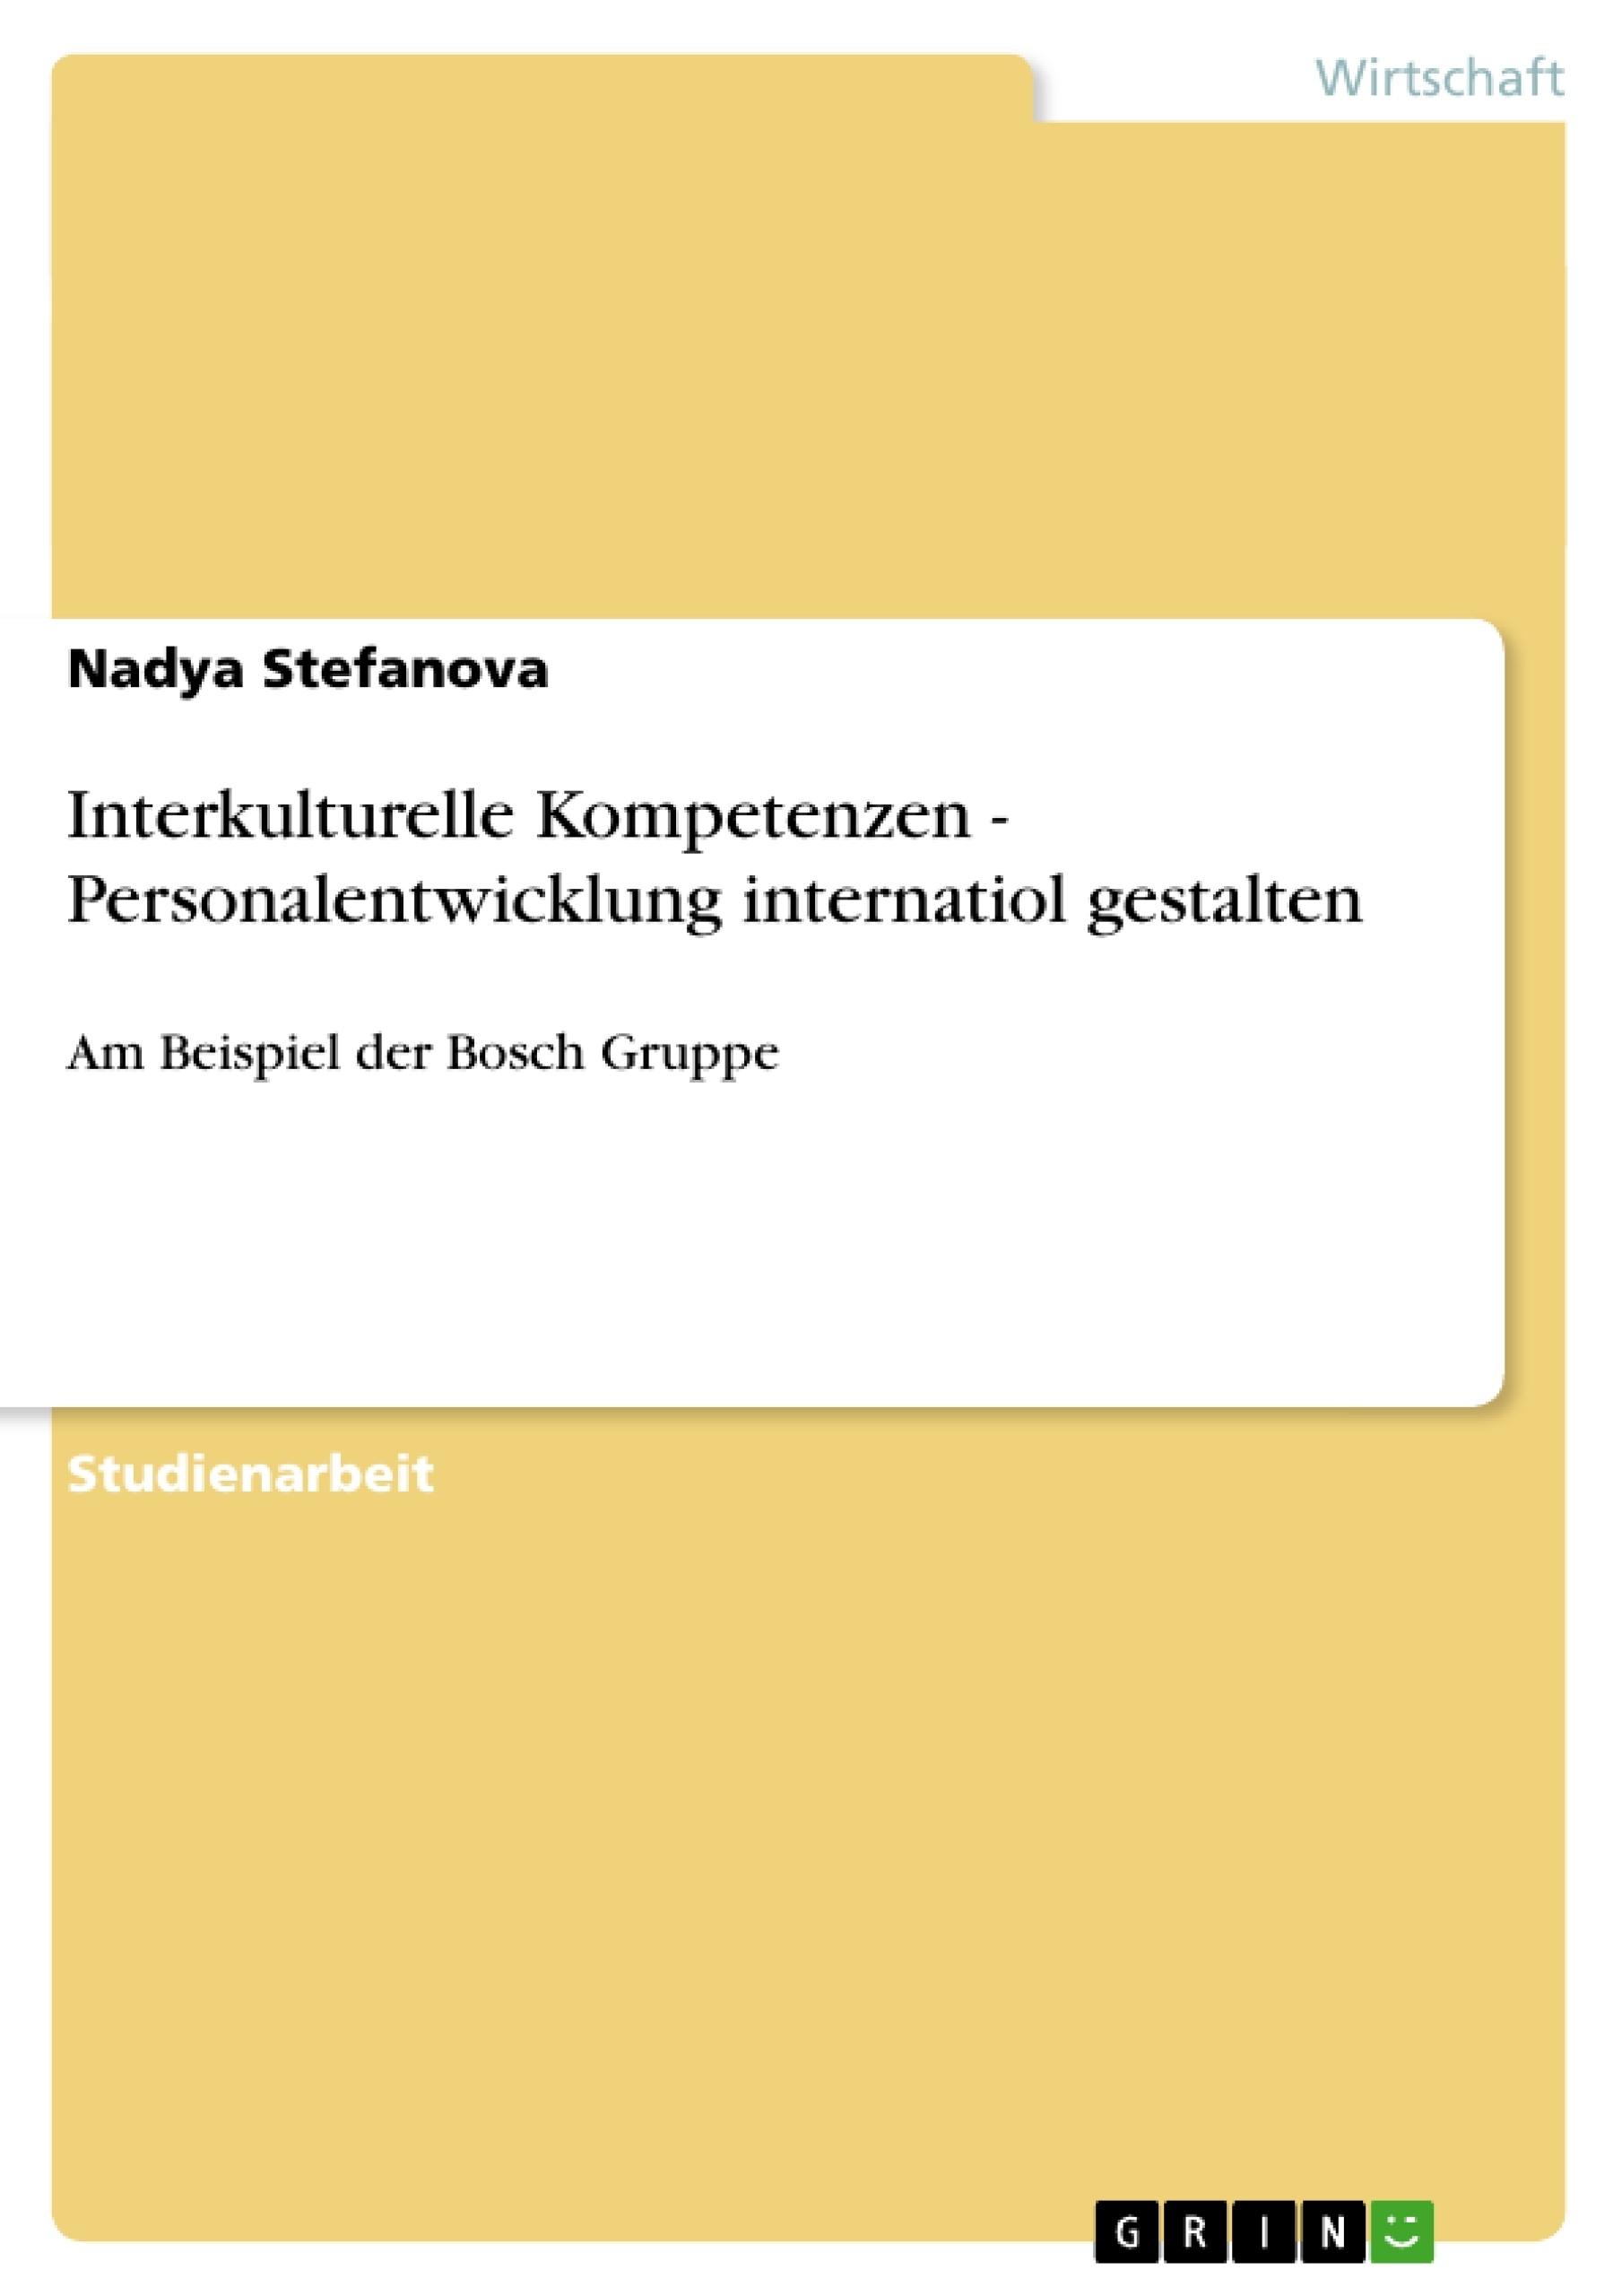 Titel: Interkulturelle Kompetenzen - Personalentwicklung internatiol gestalten